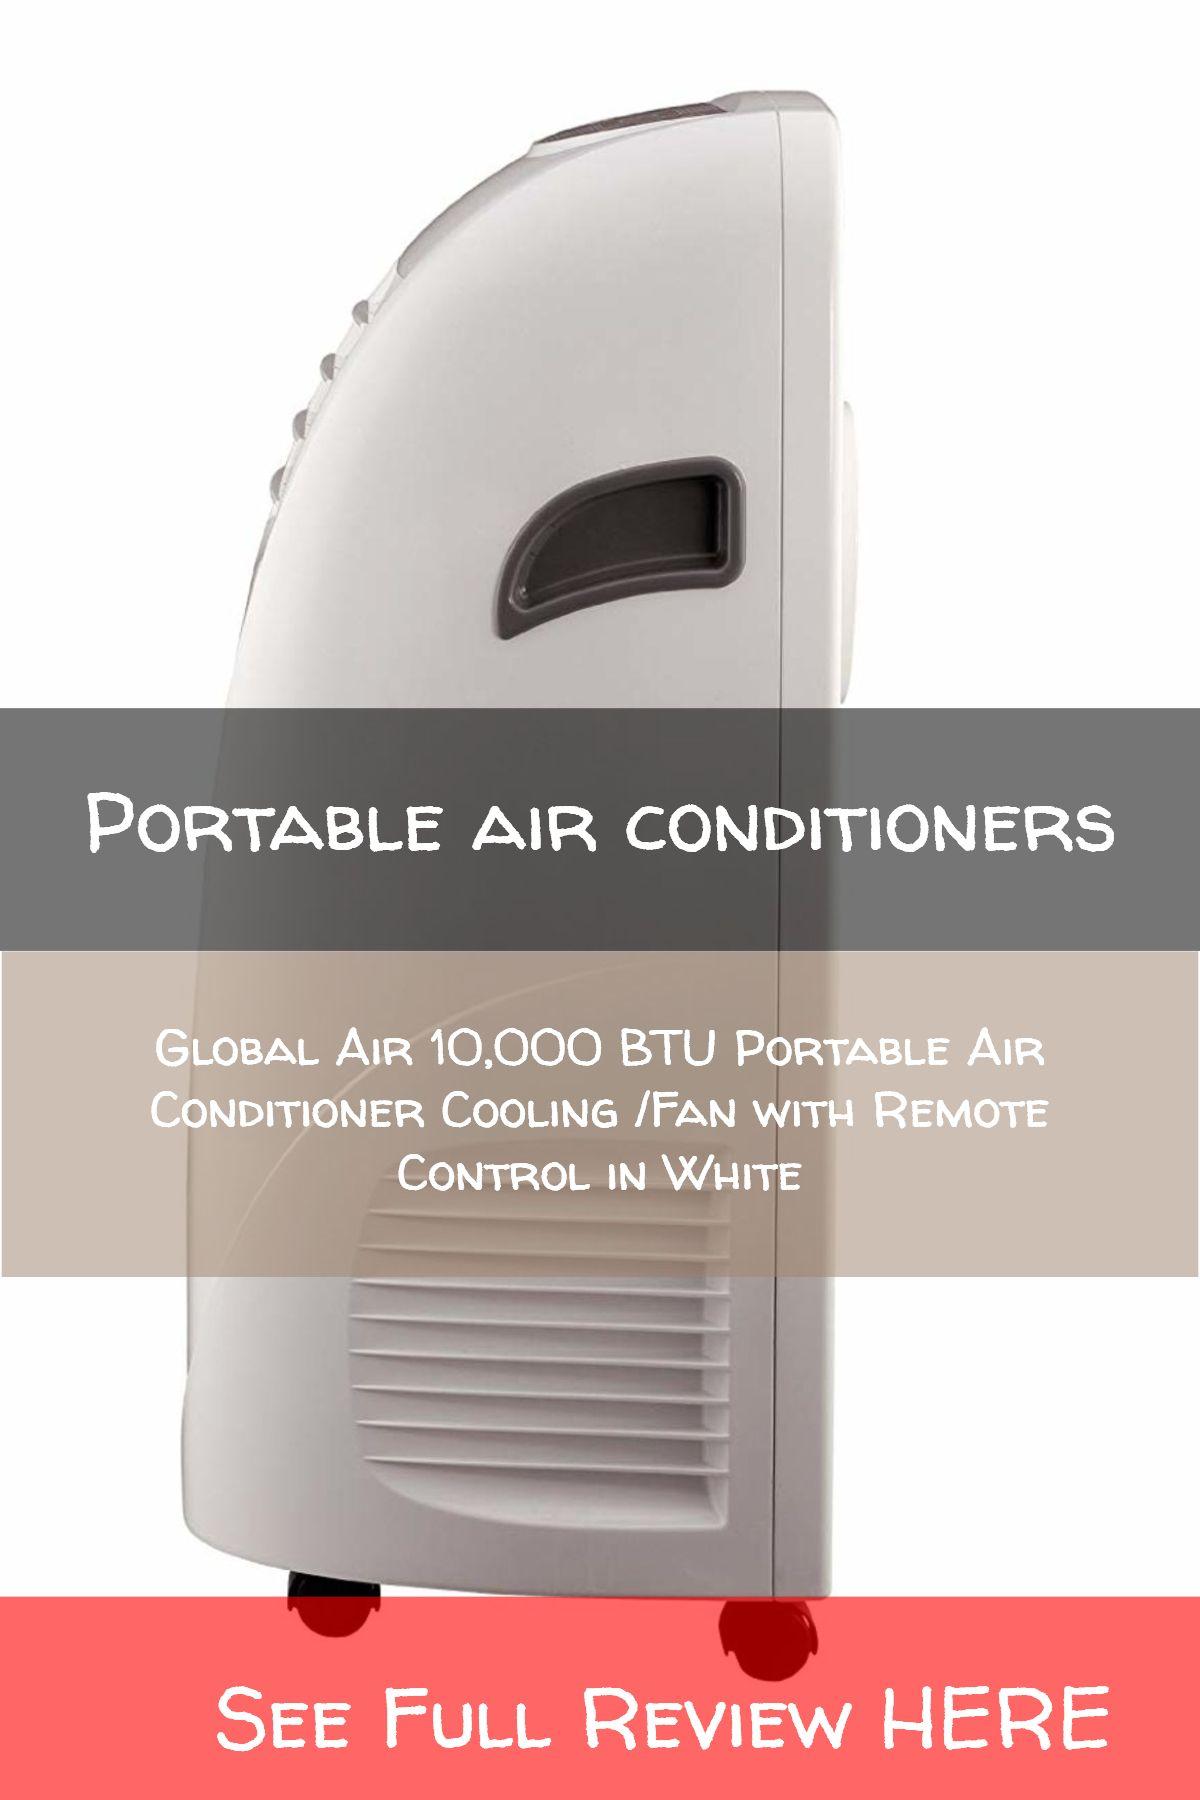 Portable air conditioners / Global Air 10,000 BTU Portable